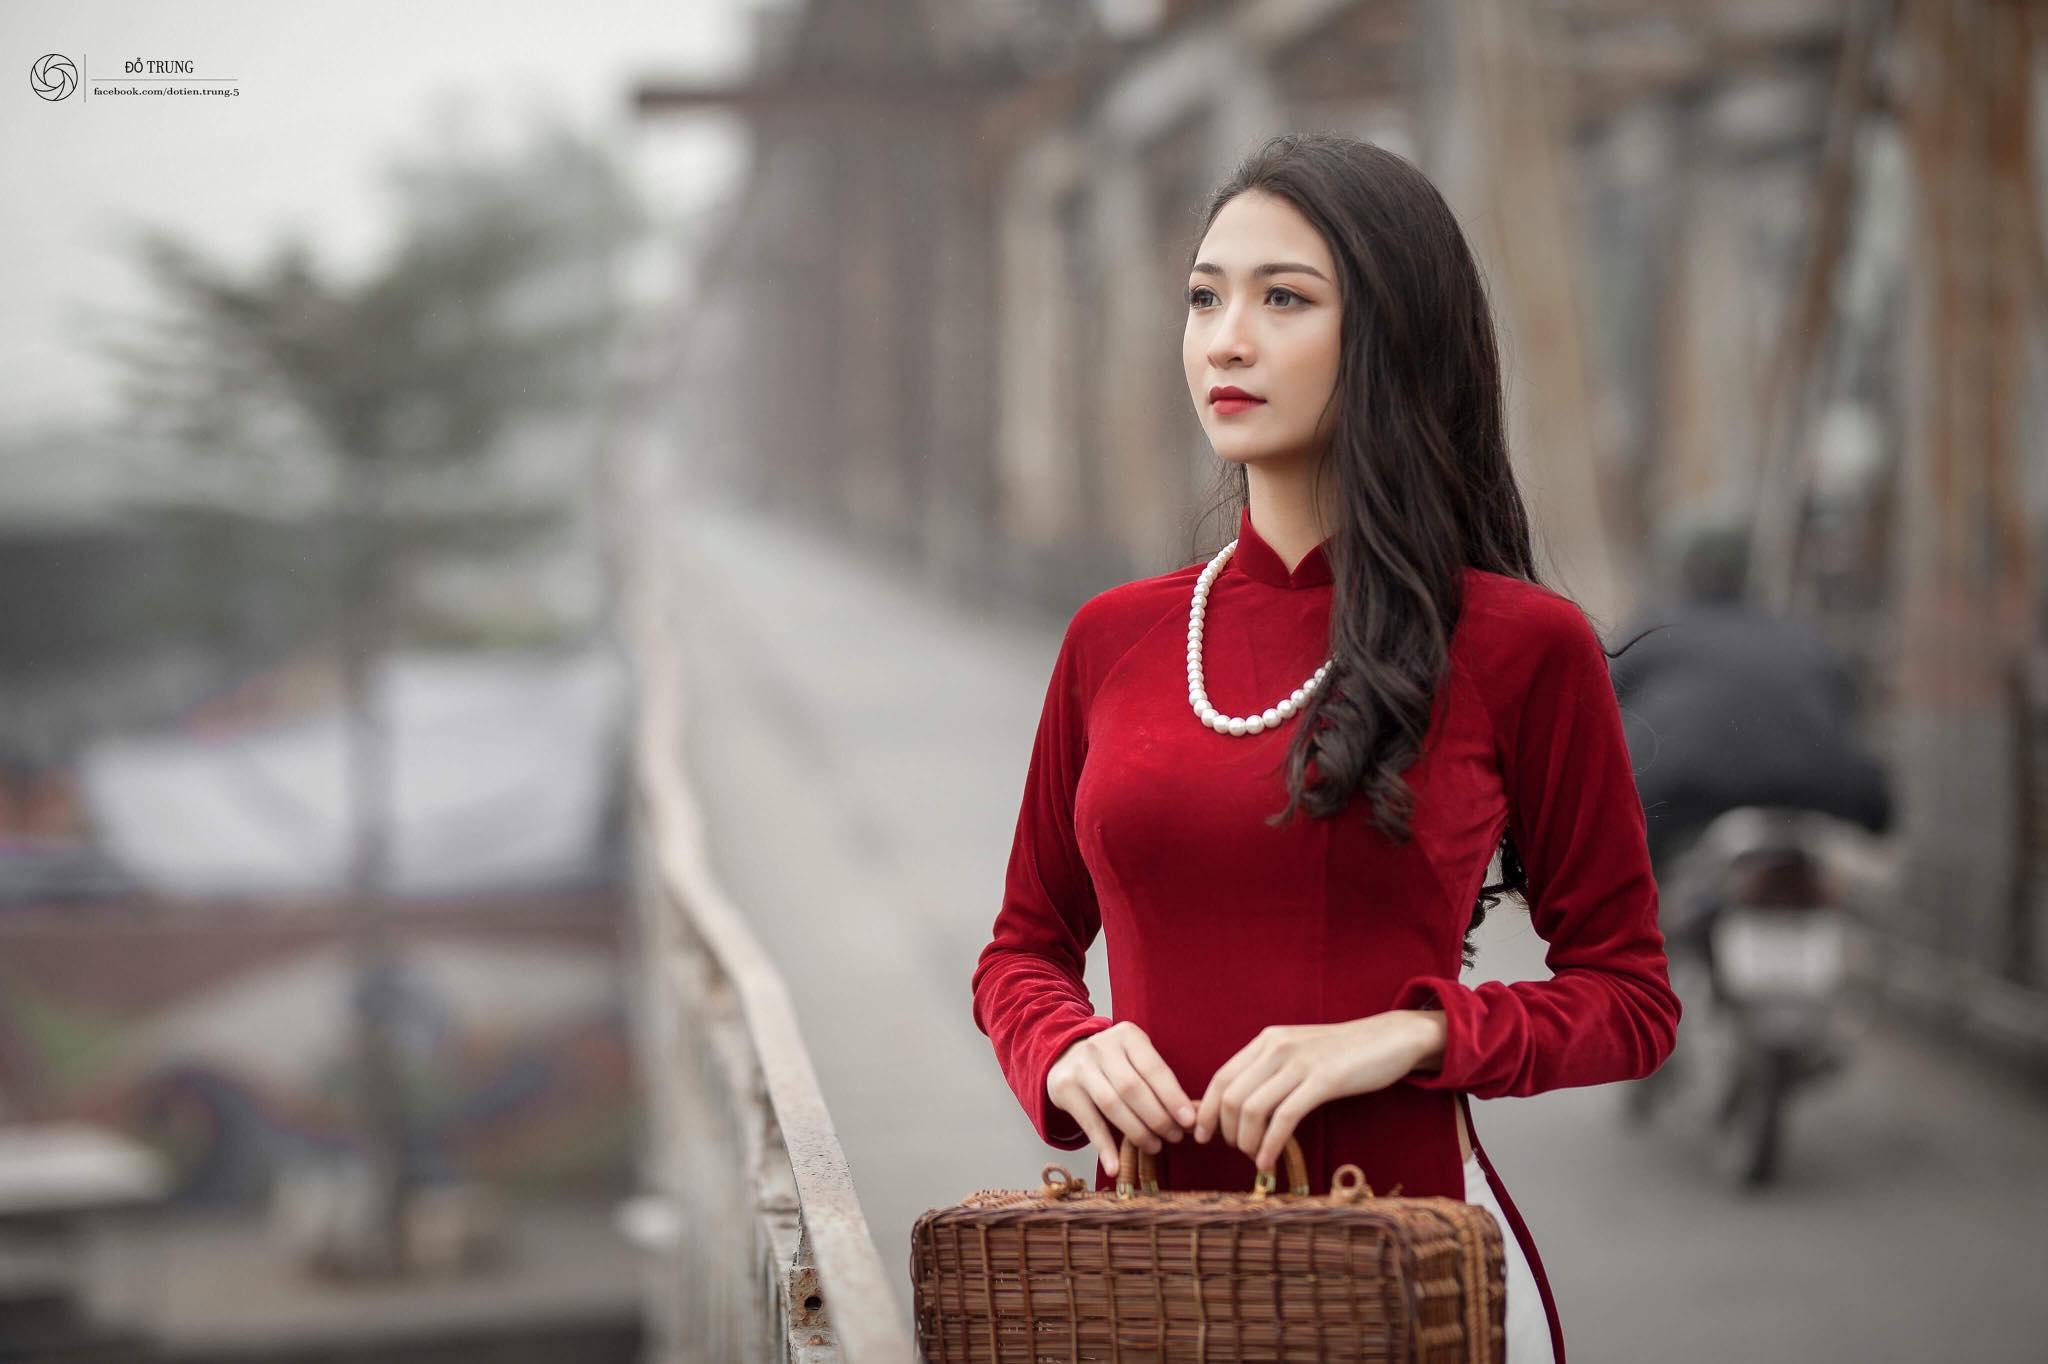 Nhan sắc quyến rũ của nữ diễn viên từng thi Hoa hậu Việt Nam Thư Vũ 6